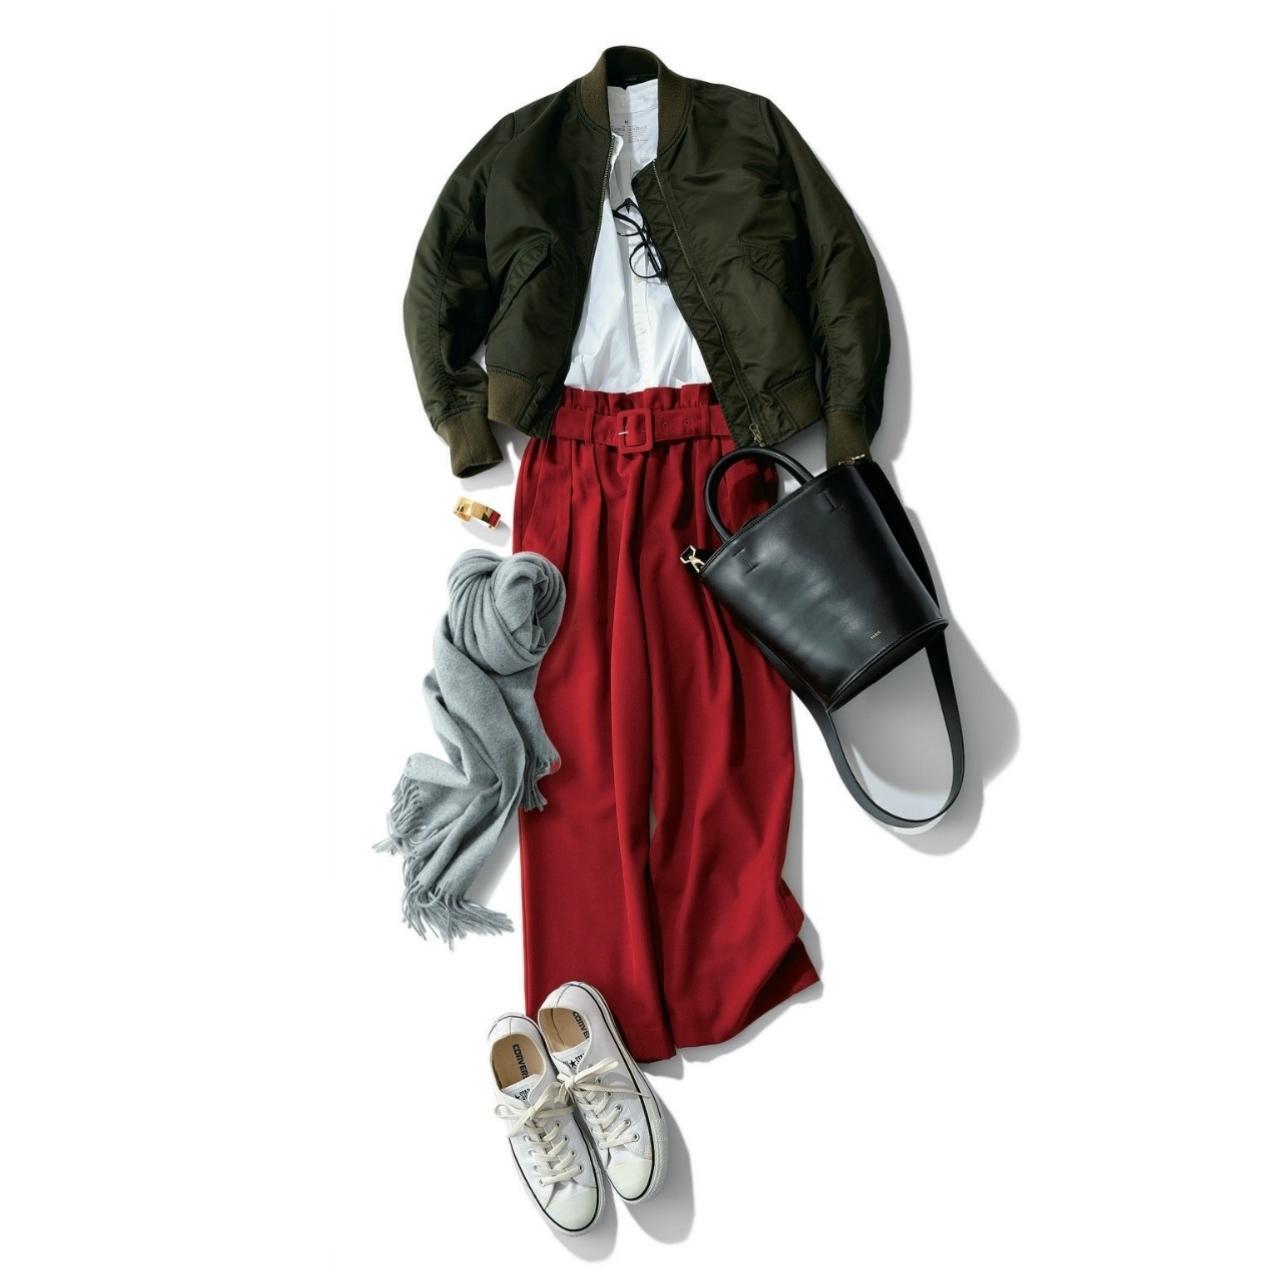 白コンバースのローカットスニーカー×ブルゾン&赤パンツのファッションコーデ